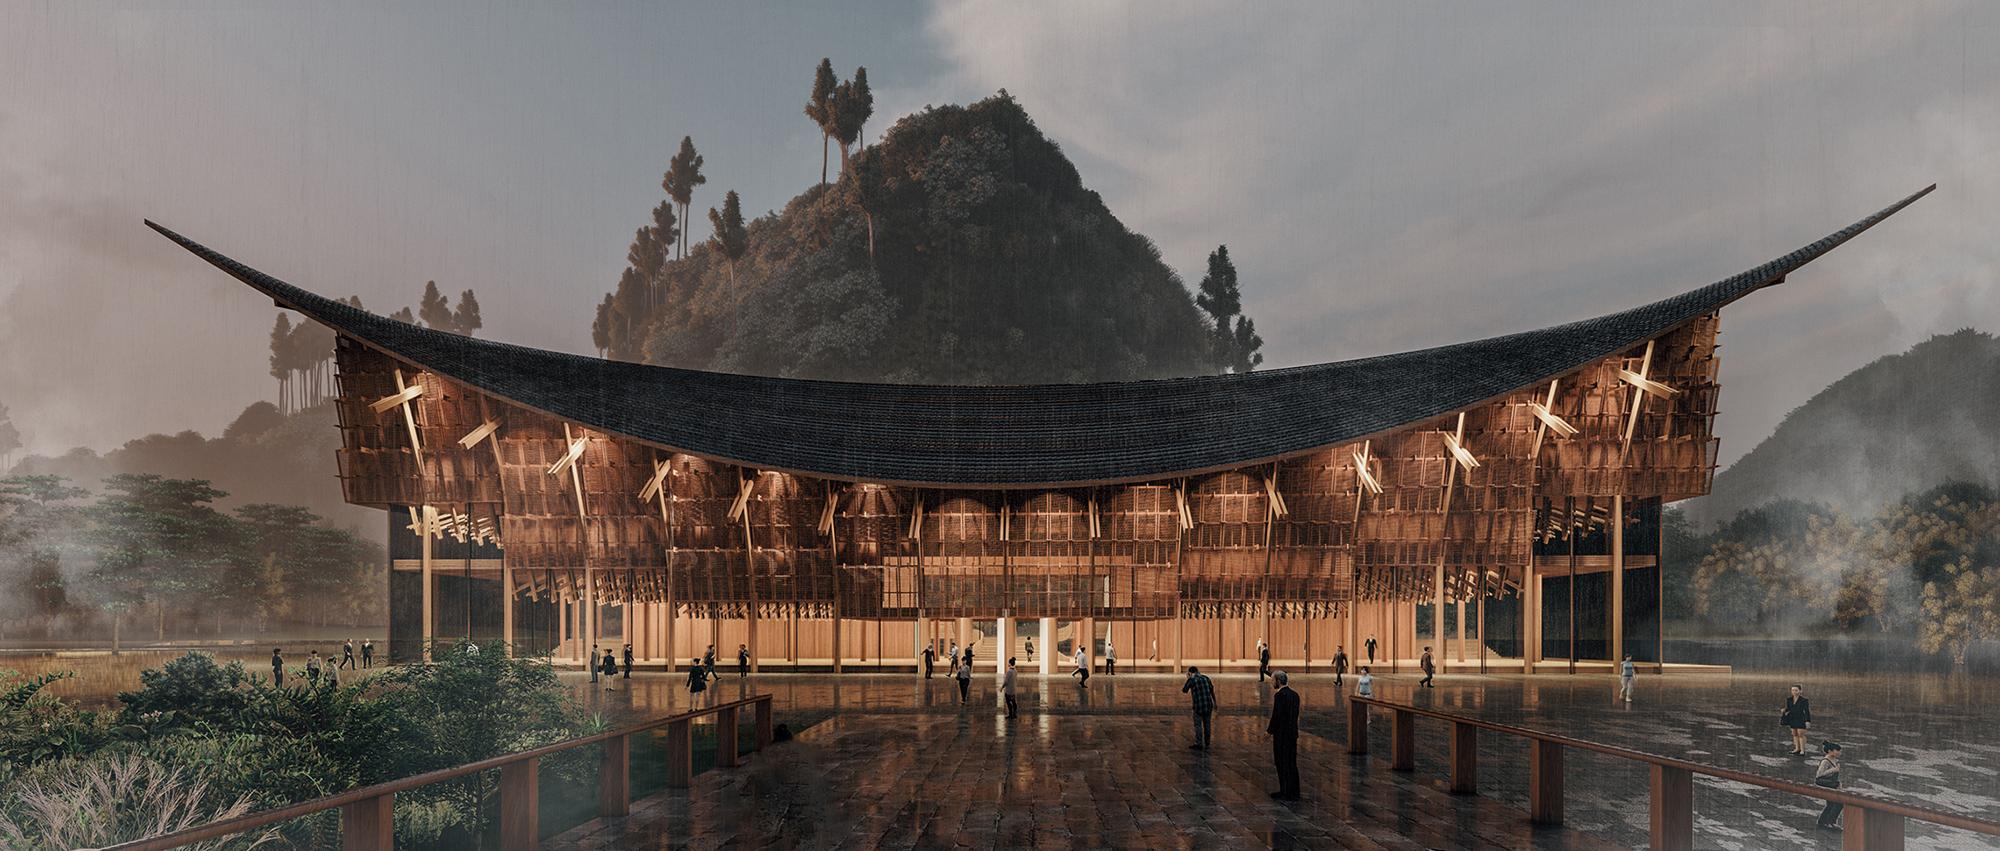 木构新思:神农大峡谷景区游客中心竞赛一等奖